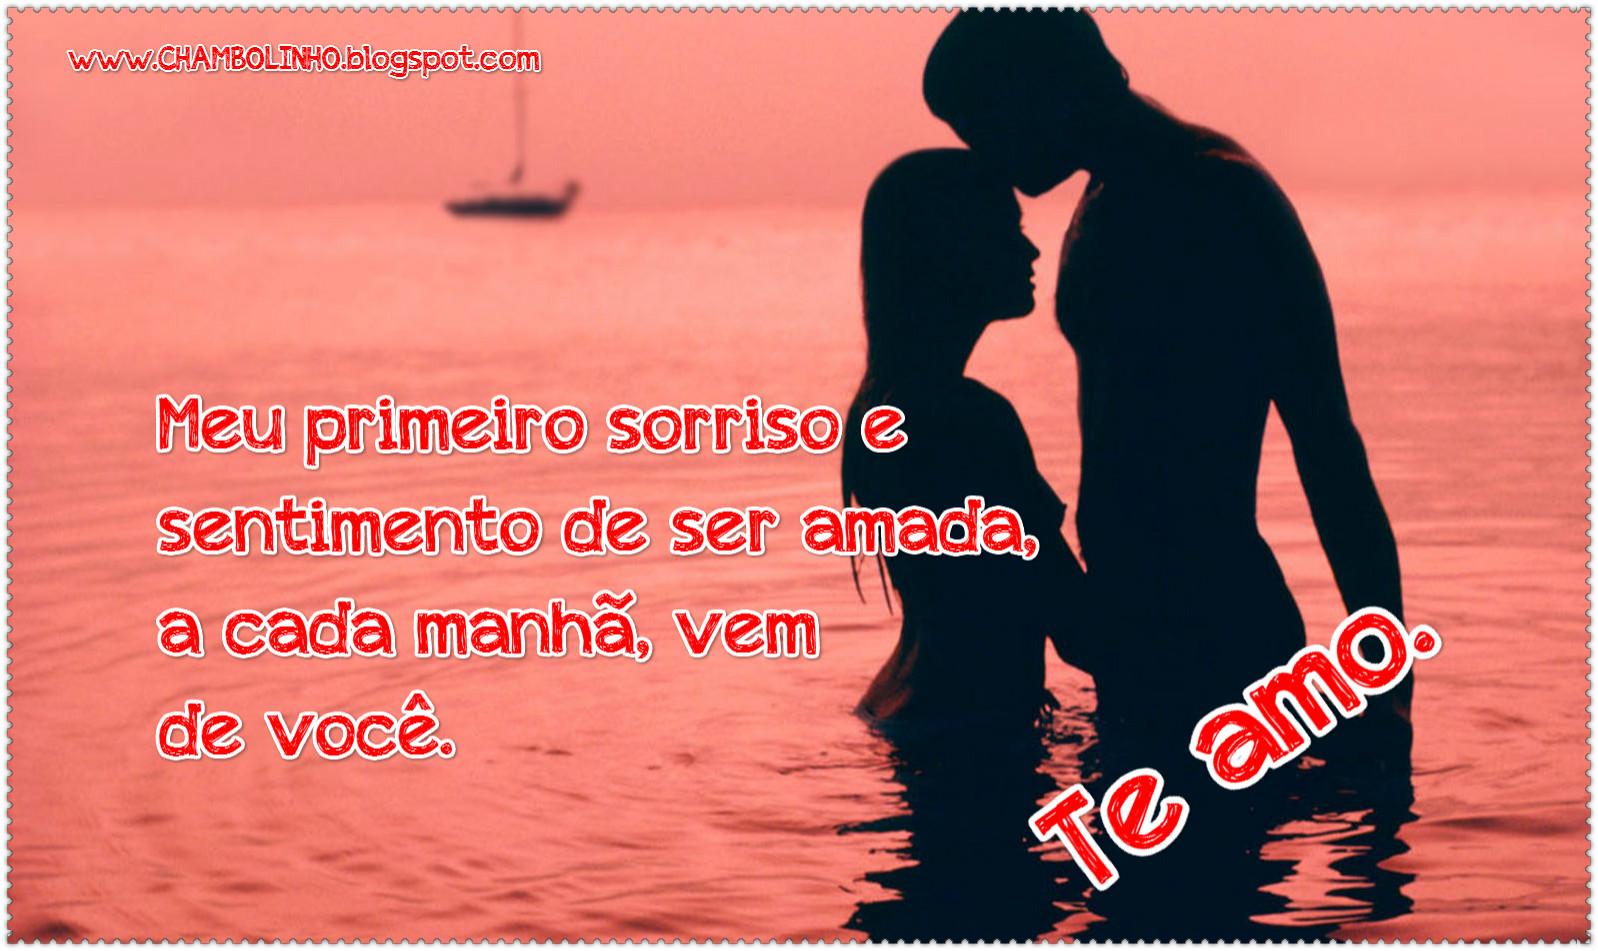 Foto Mensagem com Frase de Amor